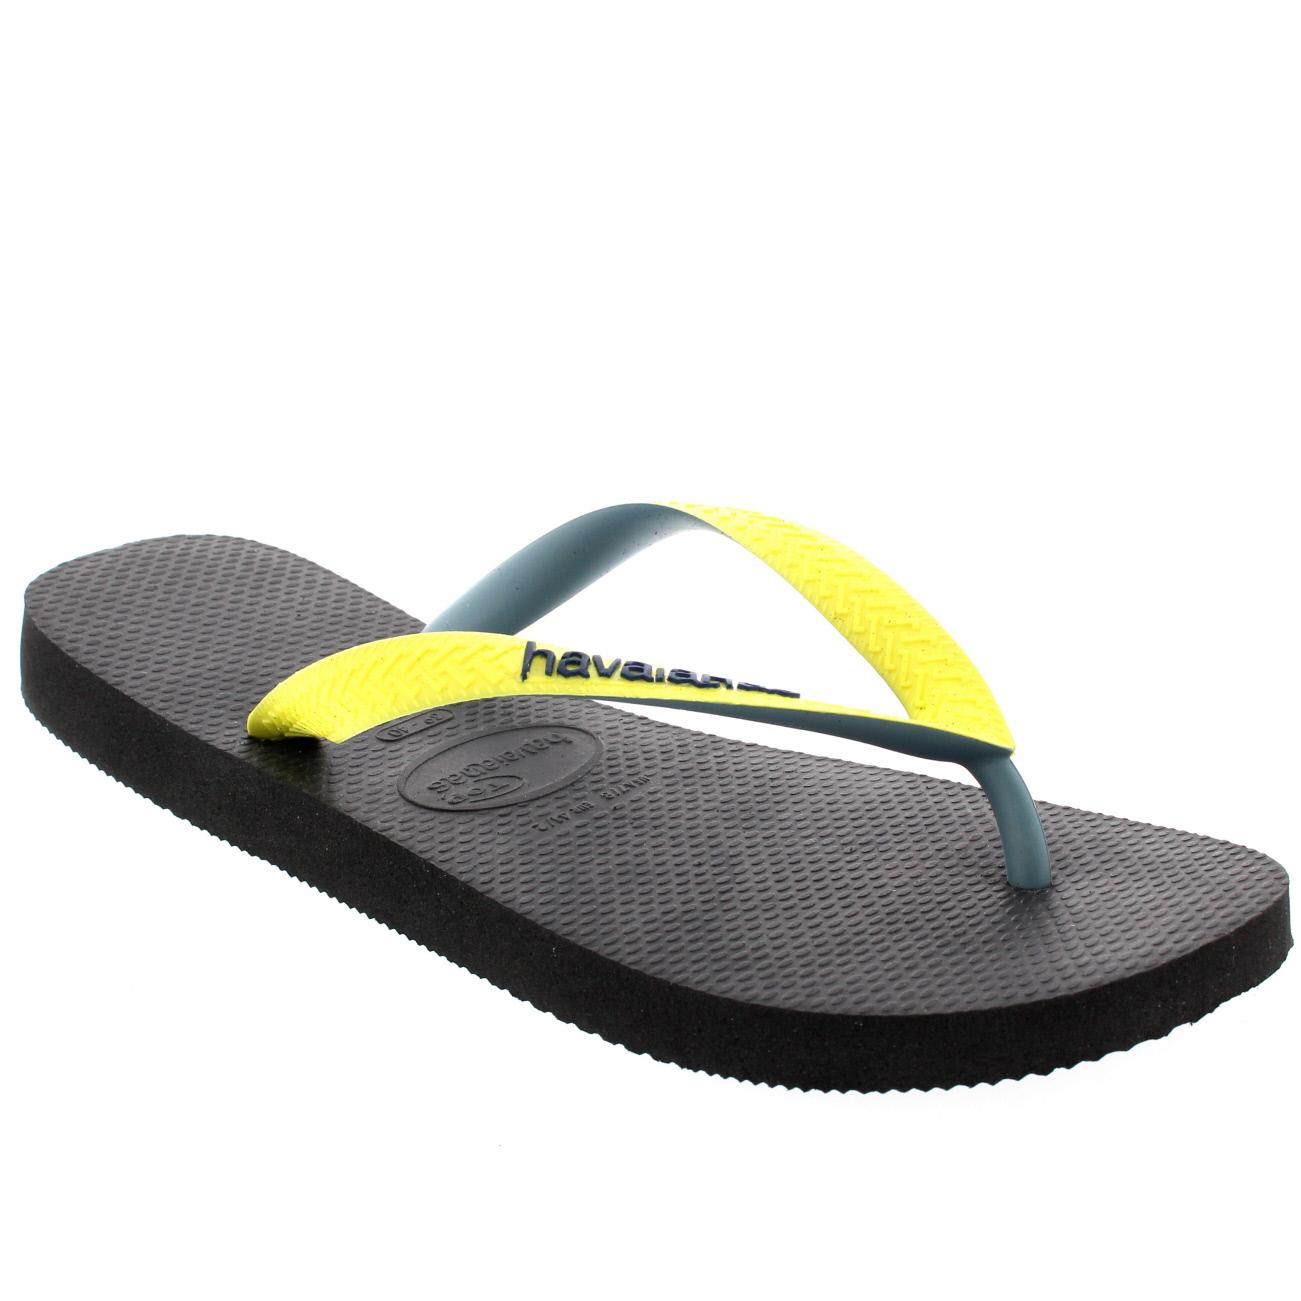 Damen Havaianas Top Mix Lässig Strand Sommer Urlaub Flip Flops Sandalen - Schwarz/Gelb - 41/42 j2IlbCc